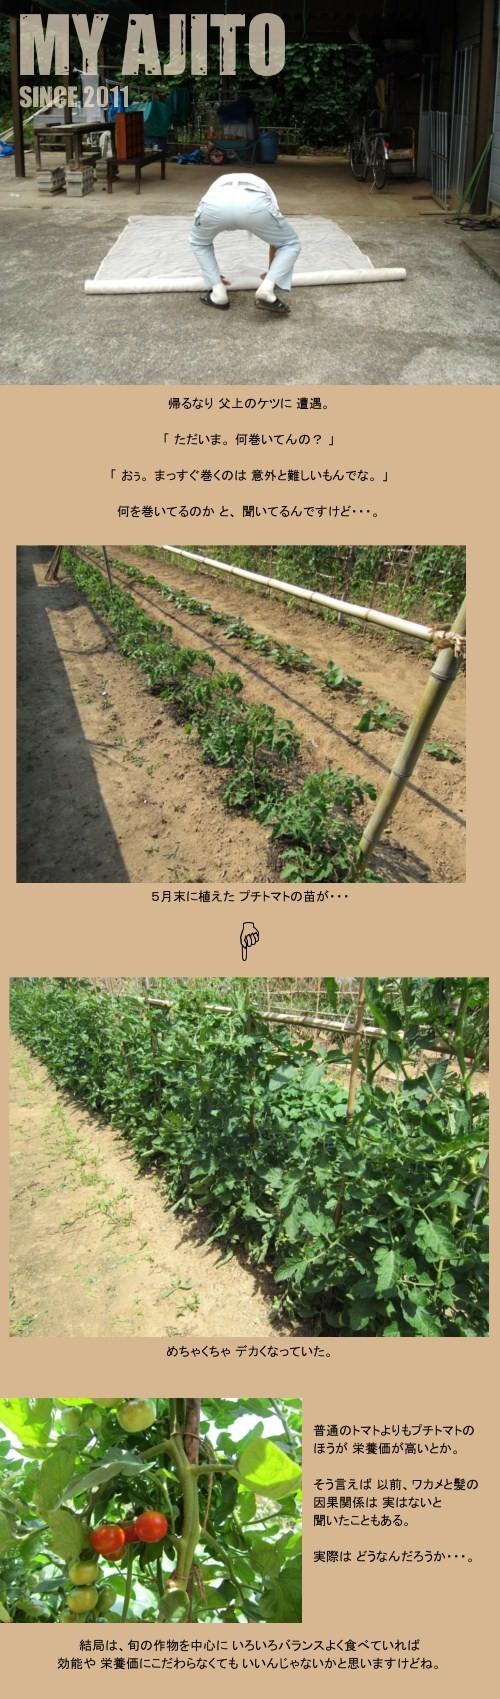 jikka_i_02.jpg